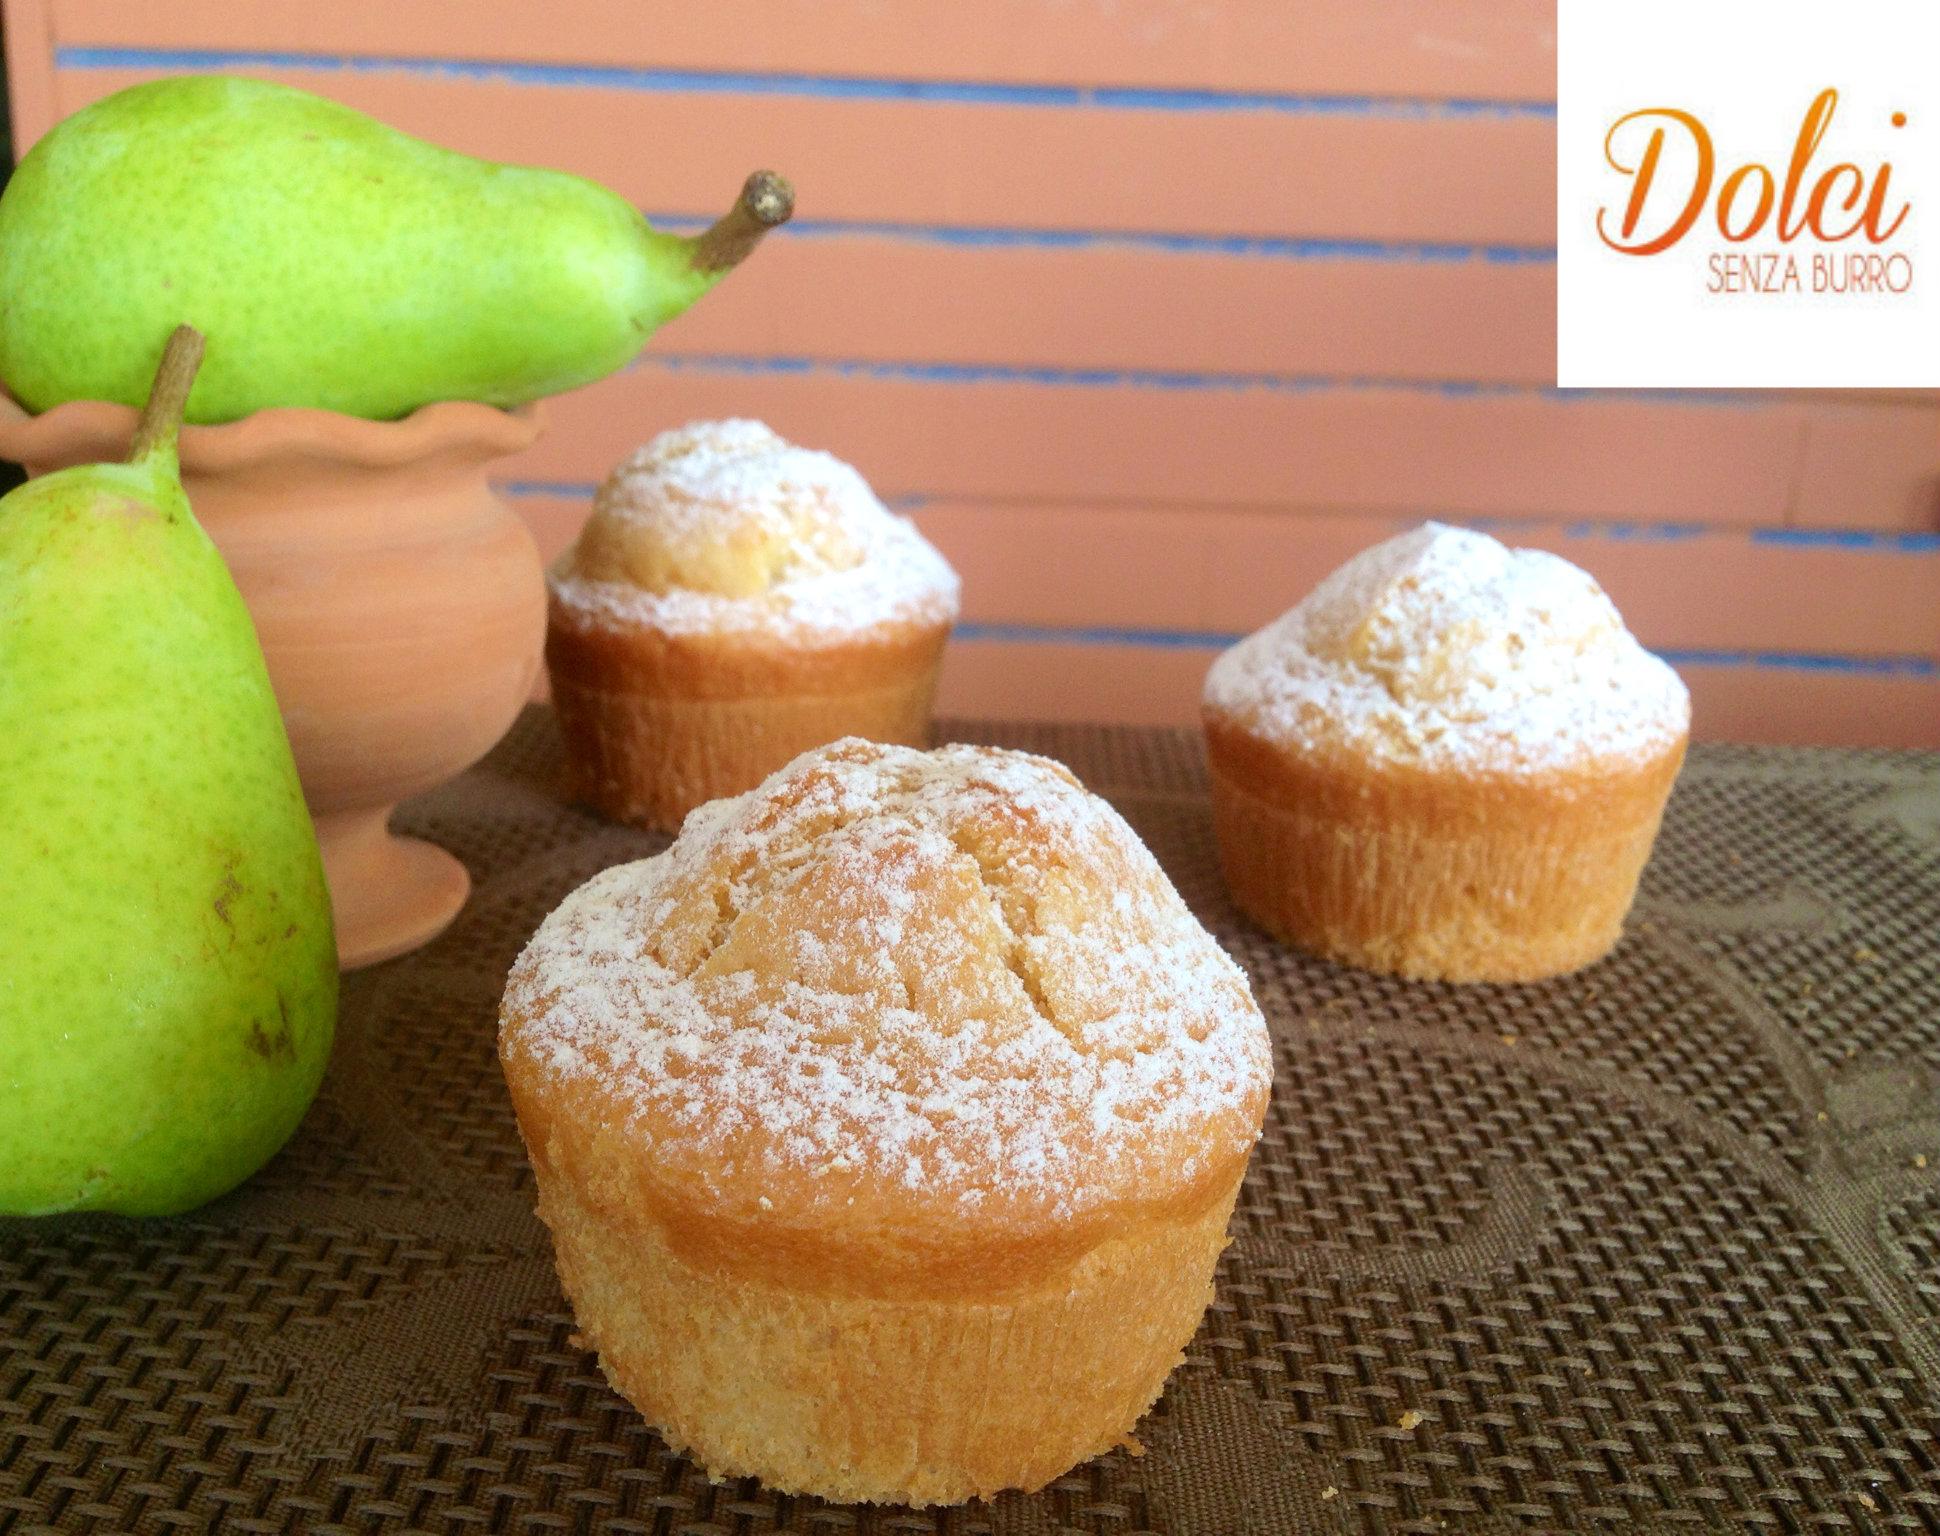 Muffin alle Pere senza burro e uova, la merenda leggera di dolci senza burro